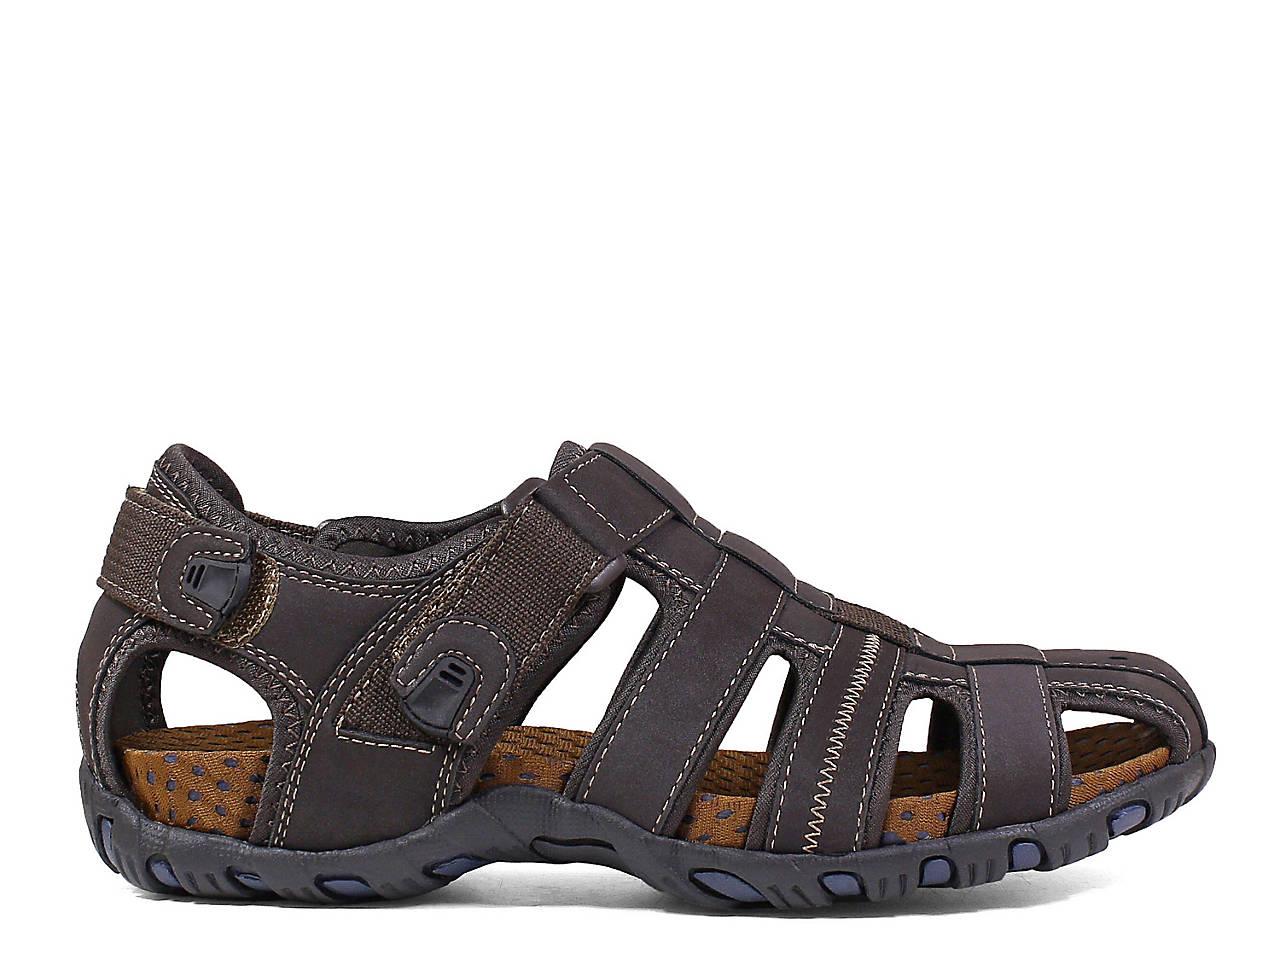 Nunn Bush Rio Bravo Fisherman Sandal Men S Shoes Dsw